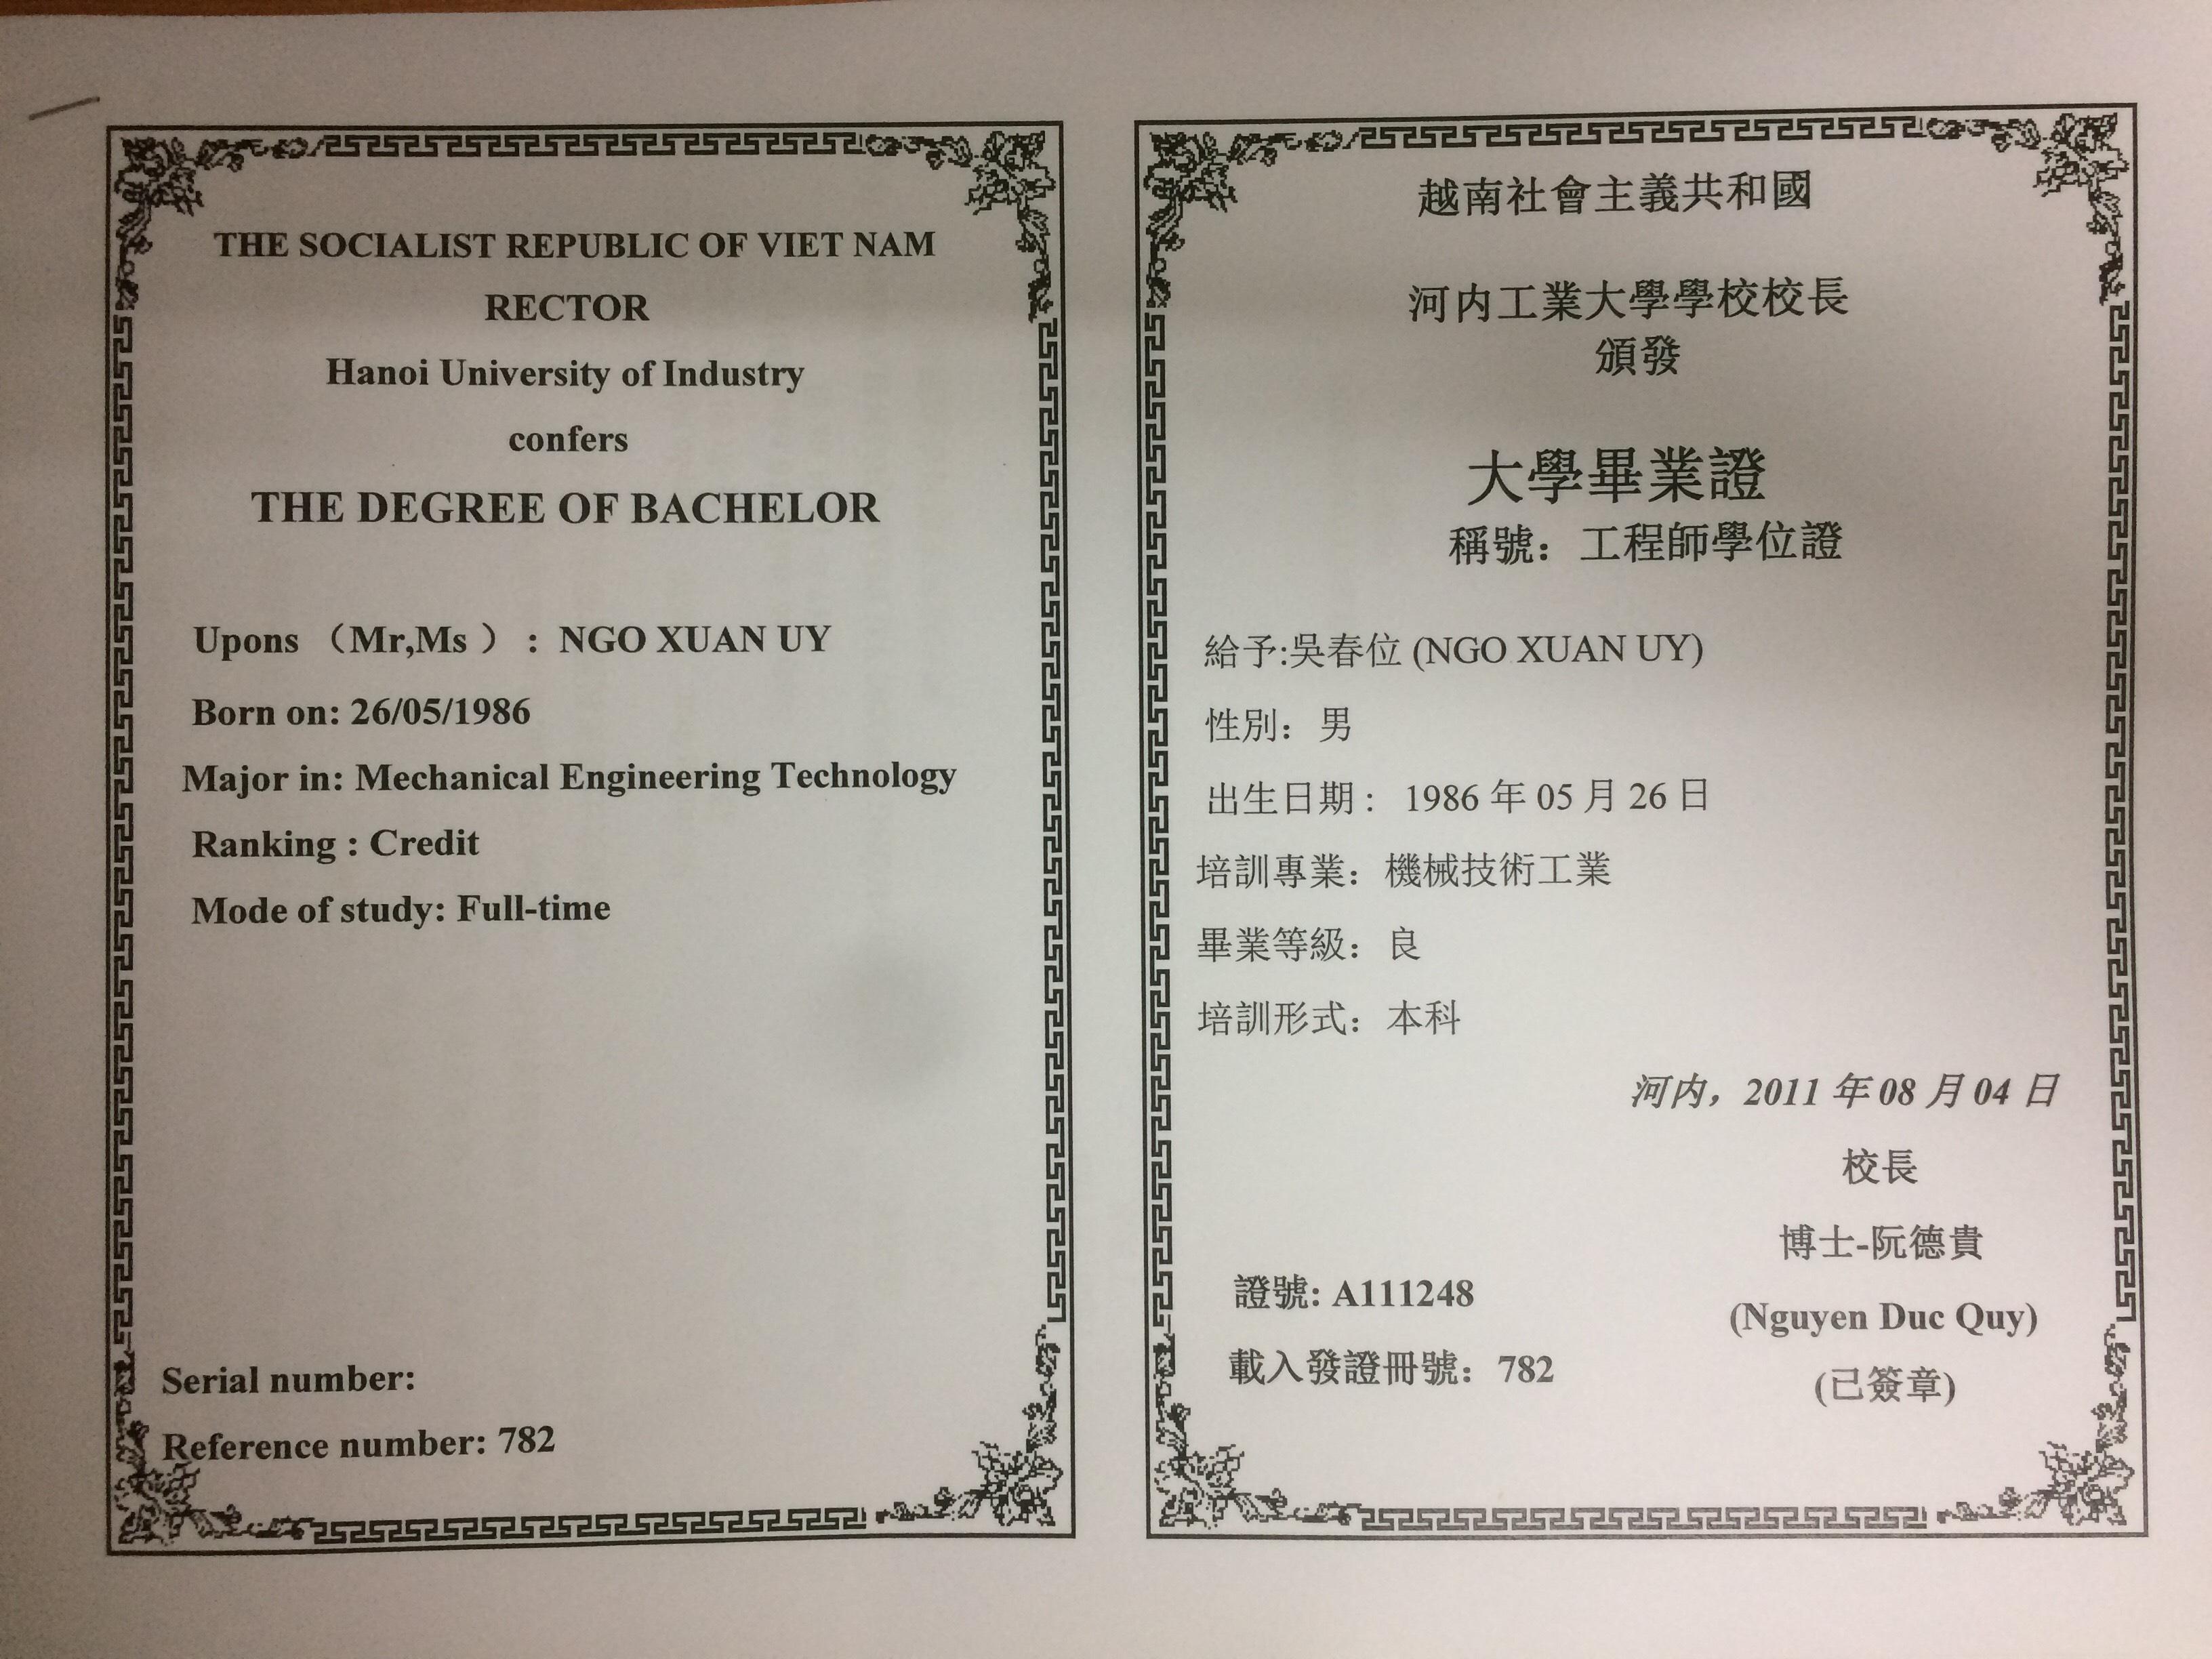 dịch thuật công chứng tiếng Trung các giấy tờ cá nhân chính xác